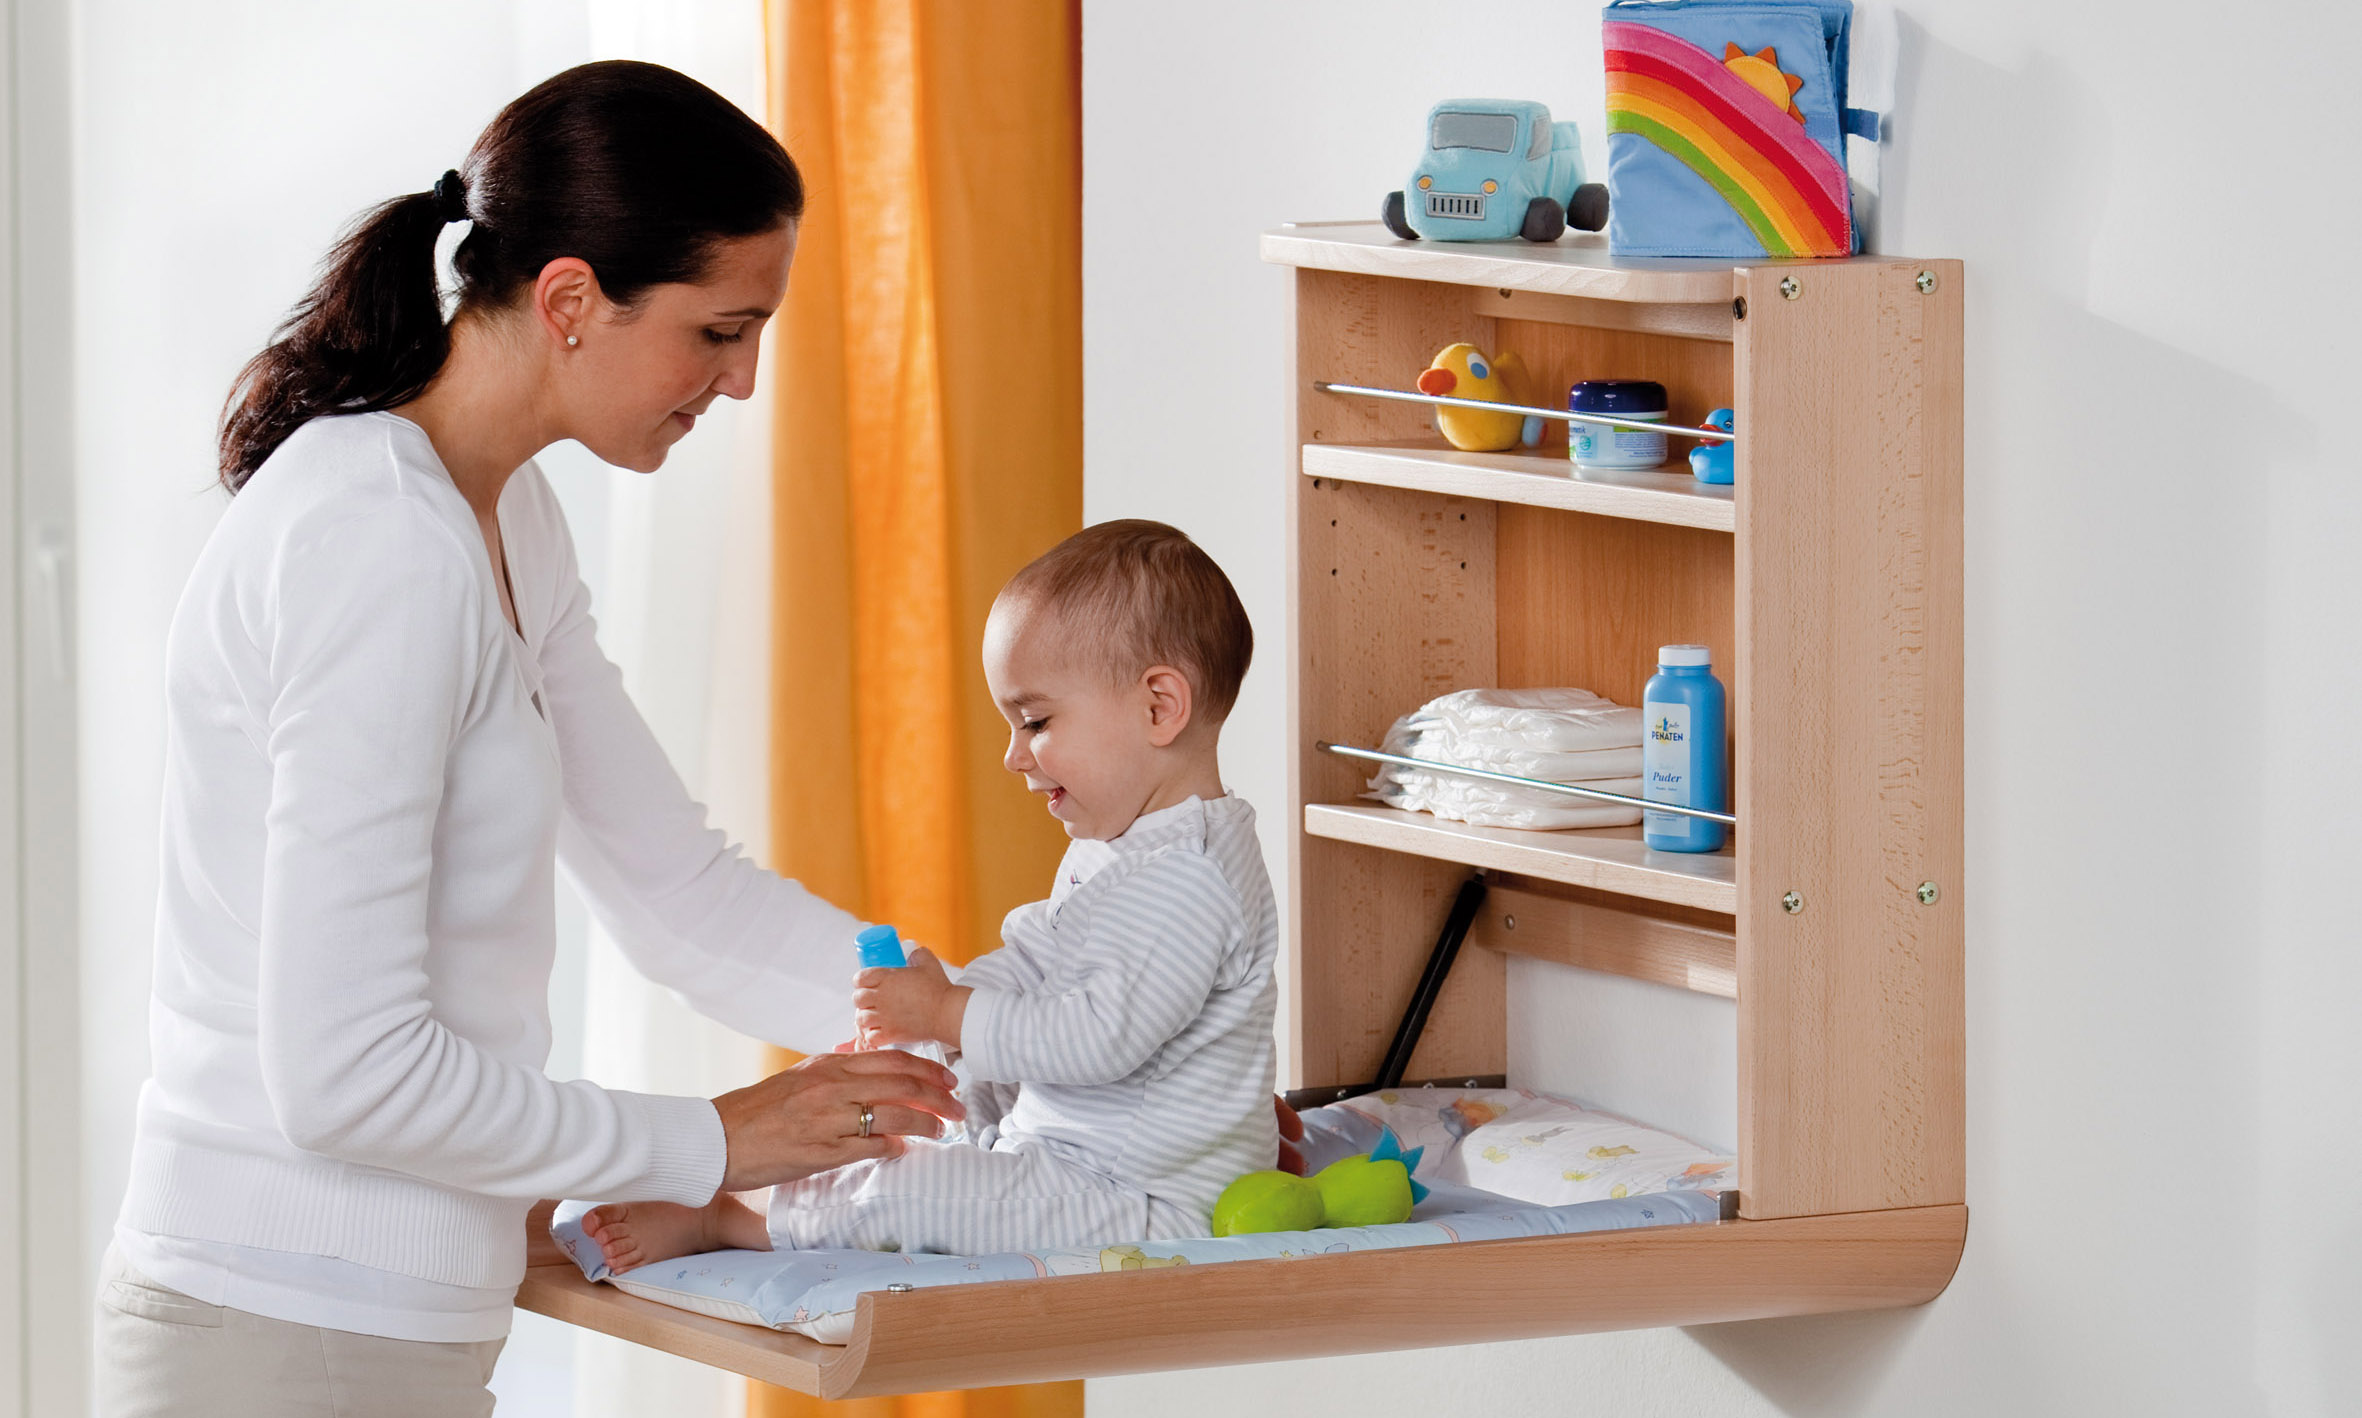 Platzsparend einrichten: Ideen für kleine Kinderzimmer | Geuther